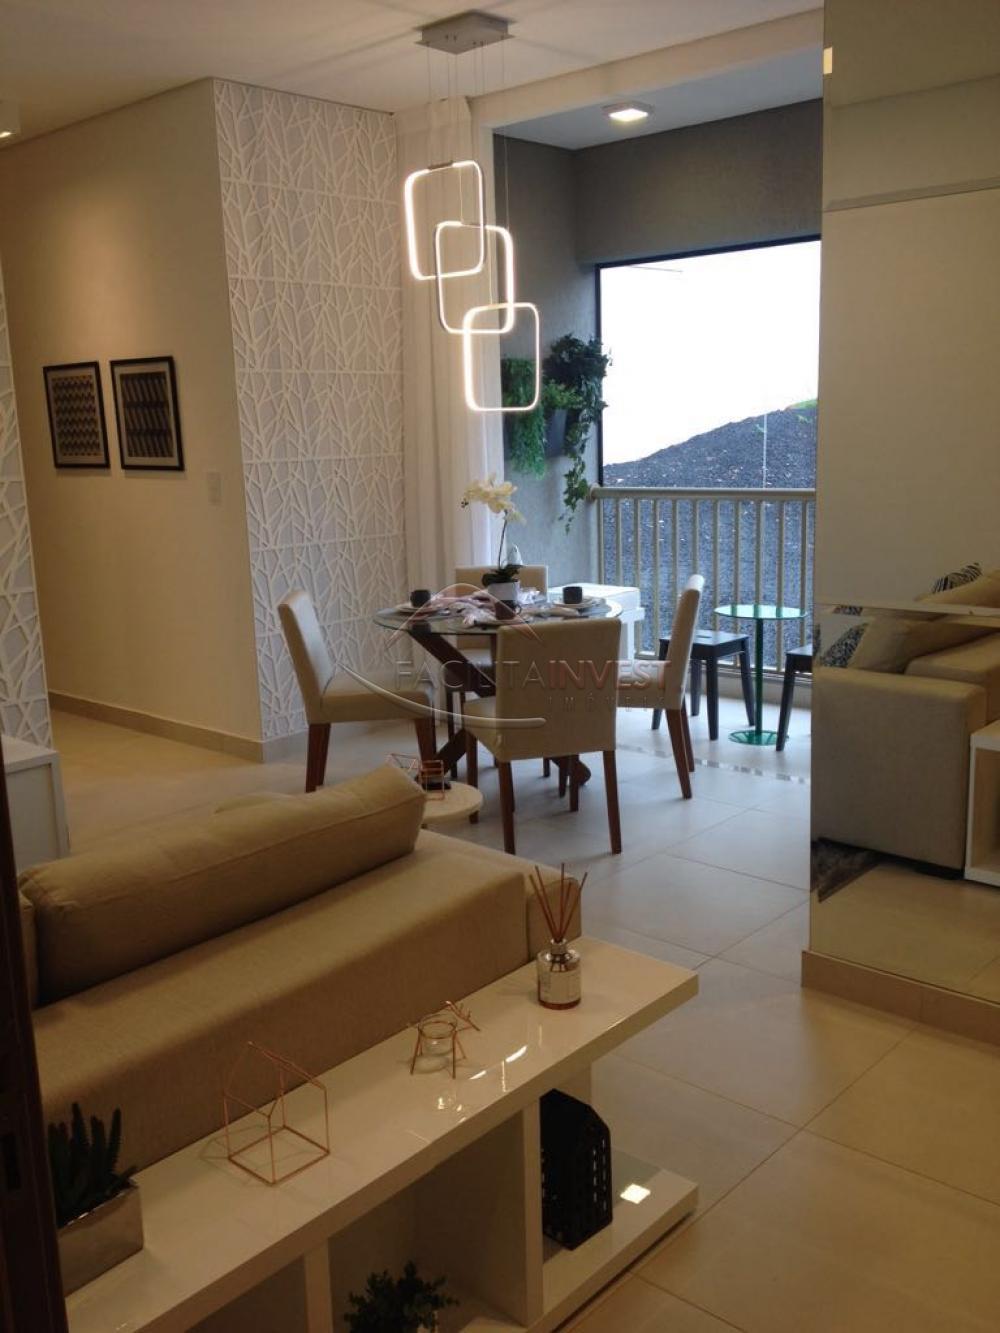 Comprar Apartamentos / Apart. Padrão em Ribeirão Preto apenas R$ 277.149,00 - Foto 1